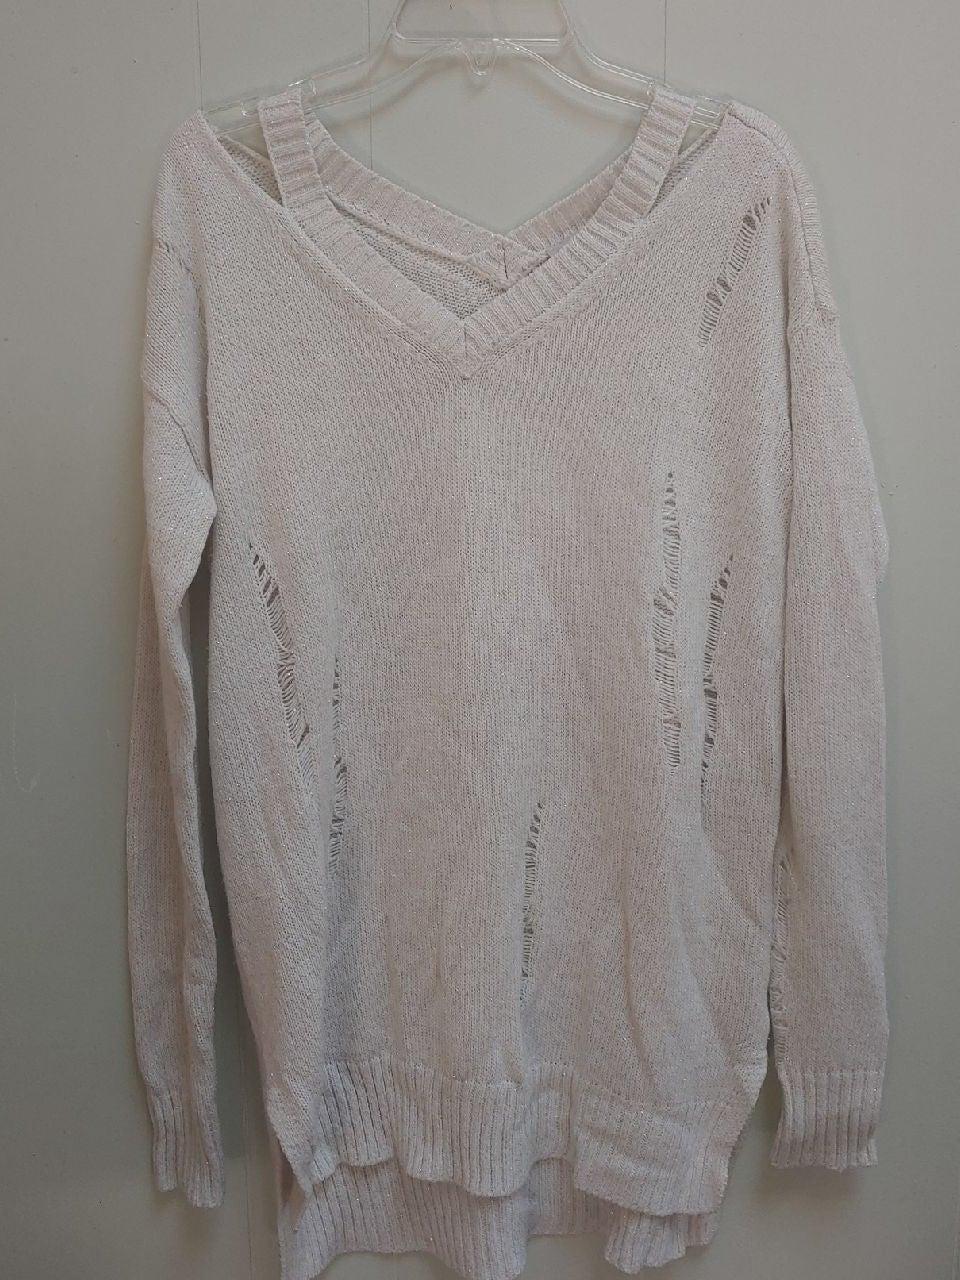 Sweater cream colored